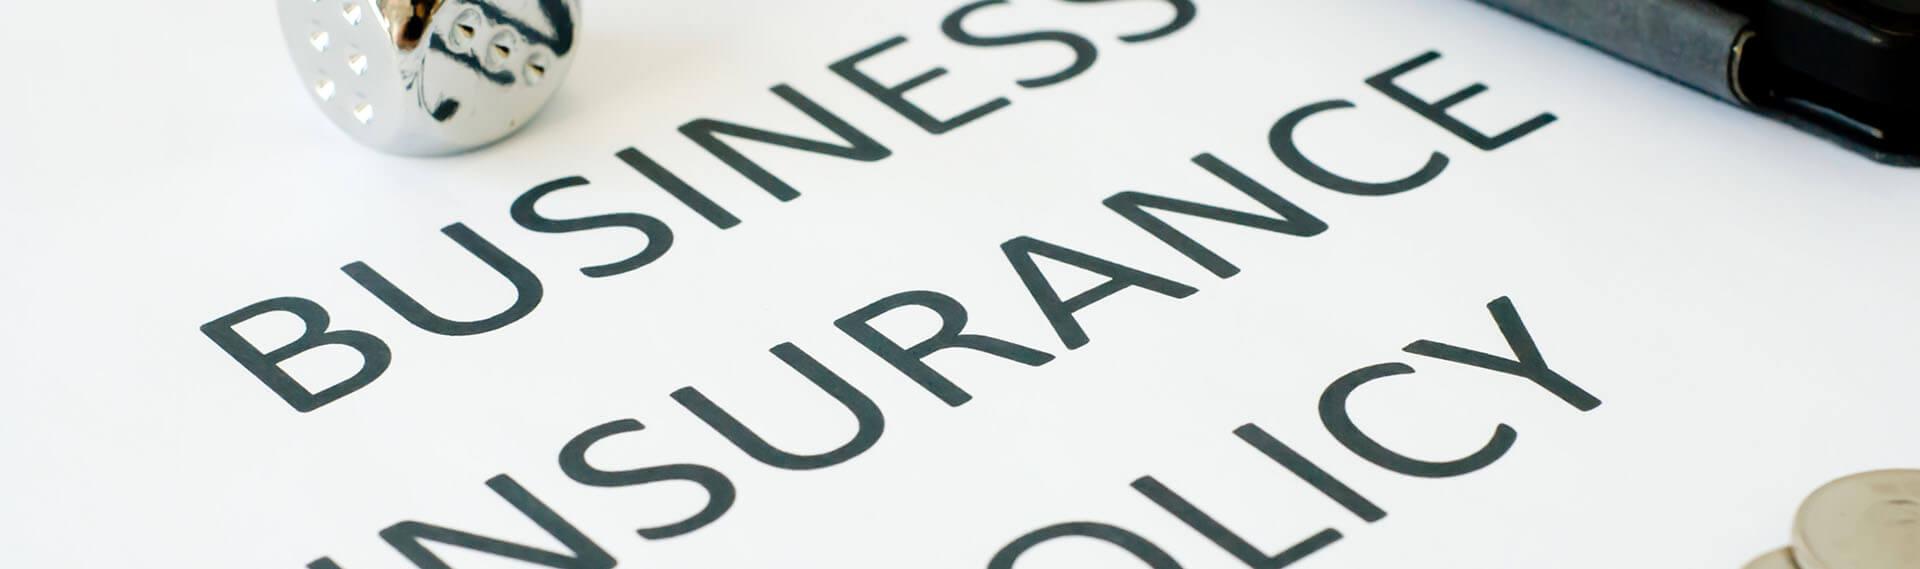 Car Insurance Company